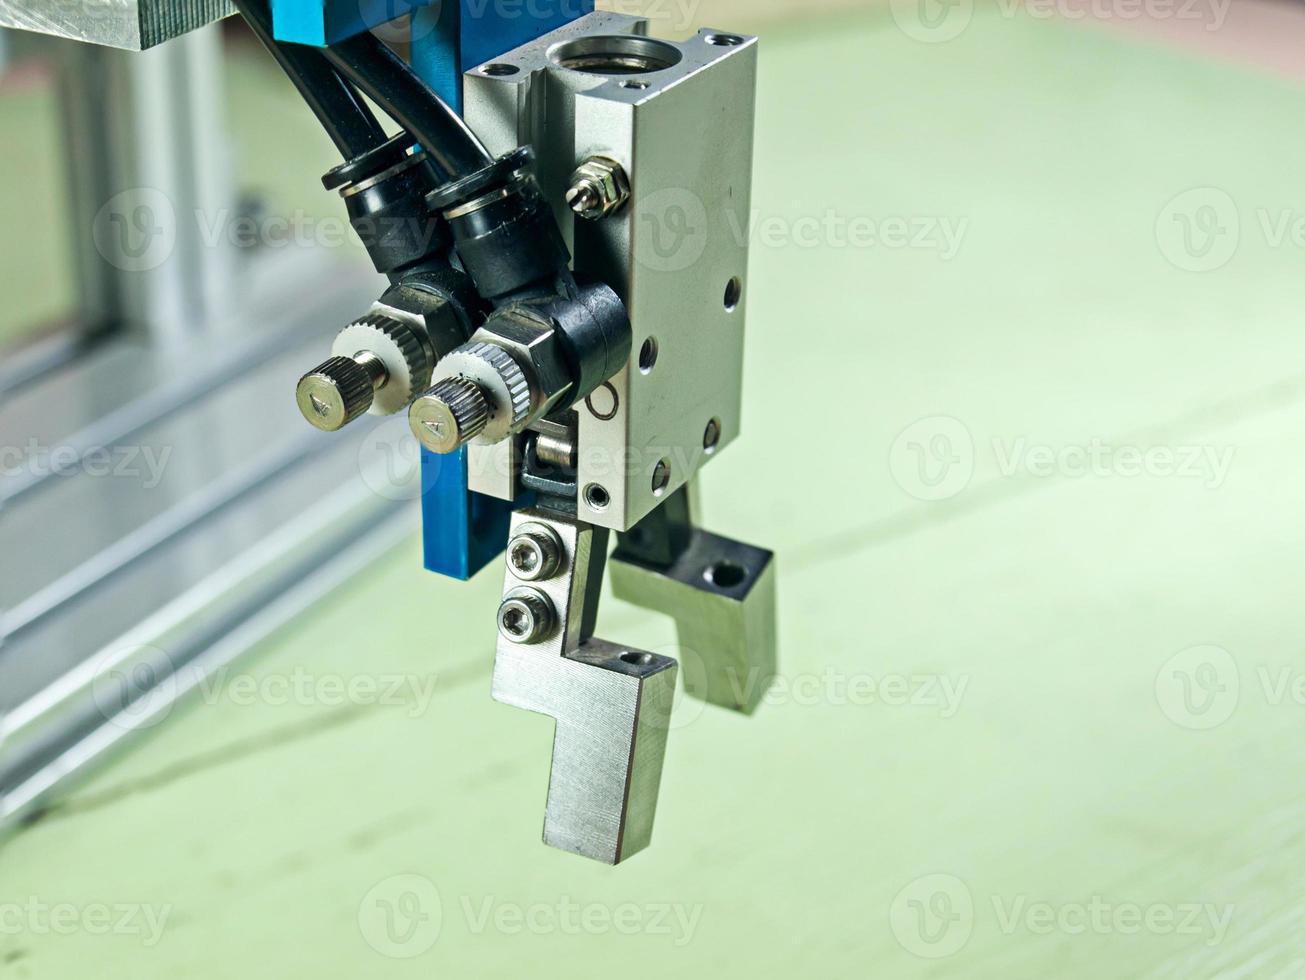 pneumatische robotinvoer. foto